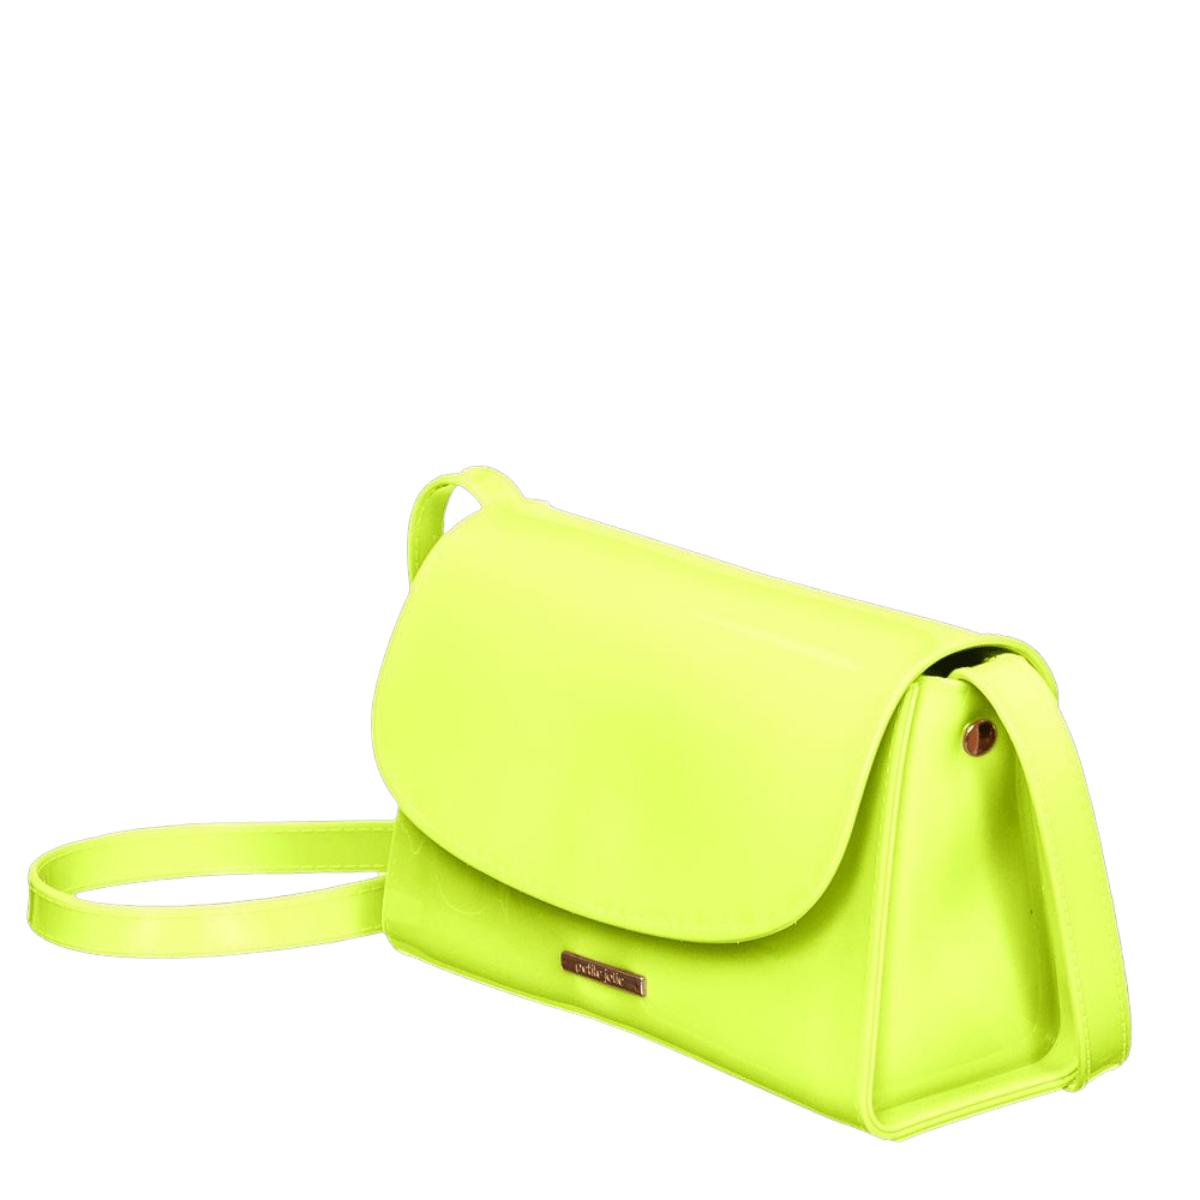 Bolsa Petite Jolie PJ10087 Alicia Amarelo Neon